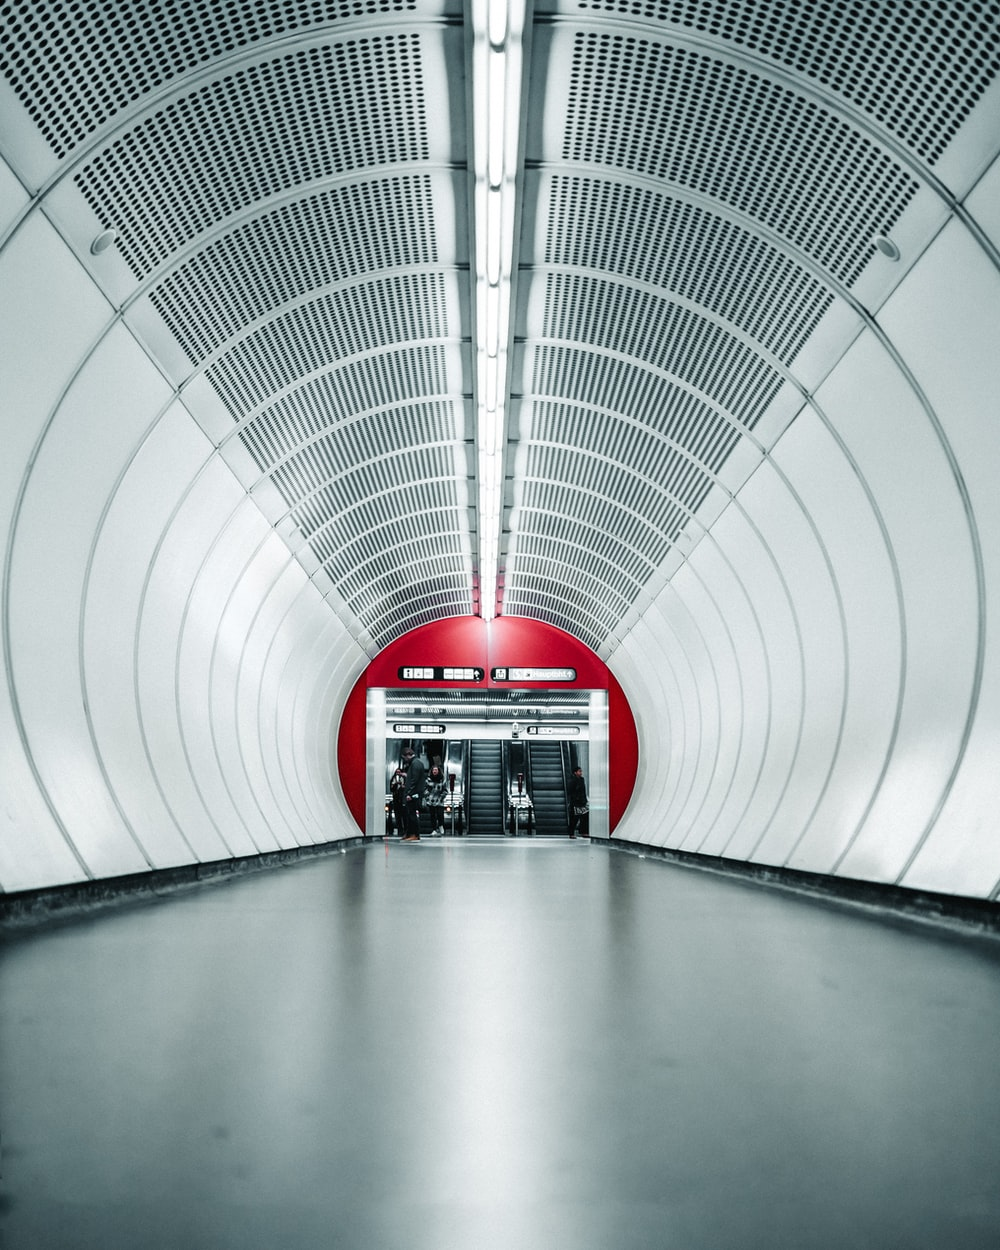 gray and white concrete tunnel